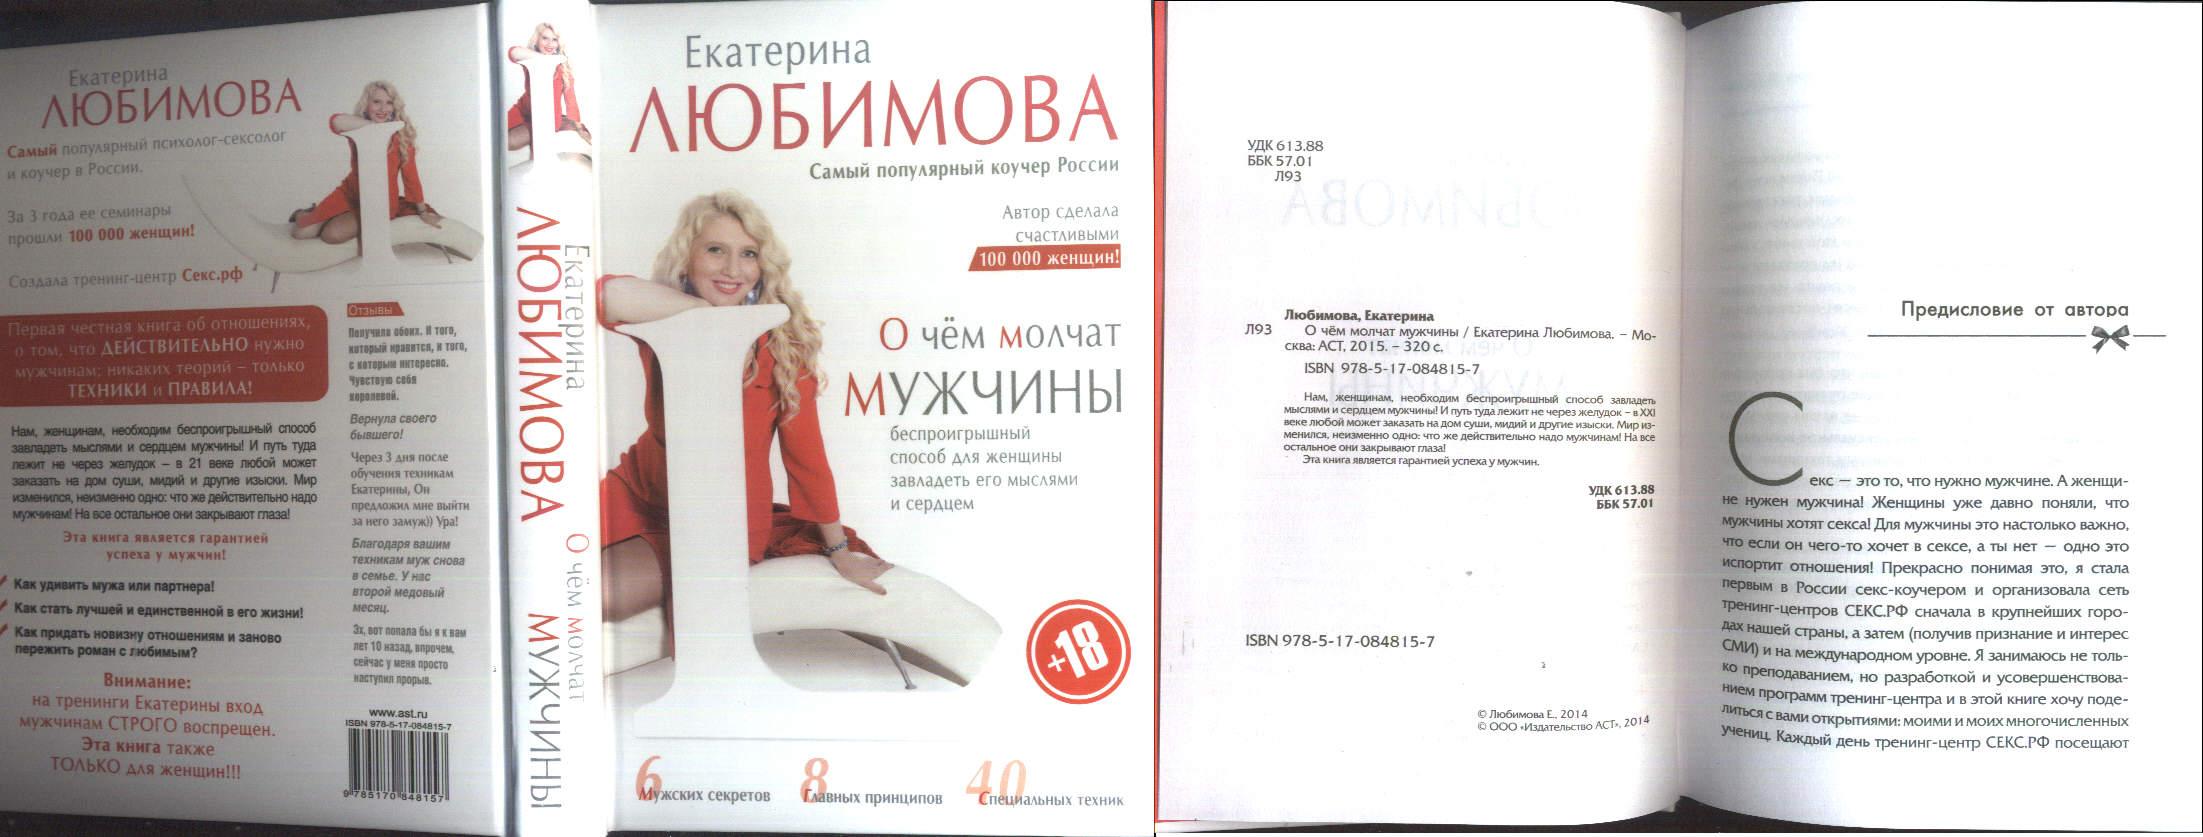 kupit-eroticheskuyu-odezhdu-nalozhennim-platezhom